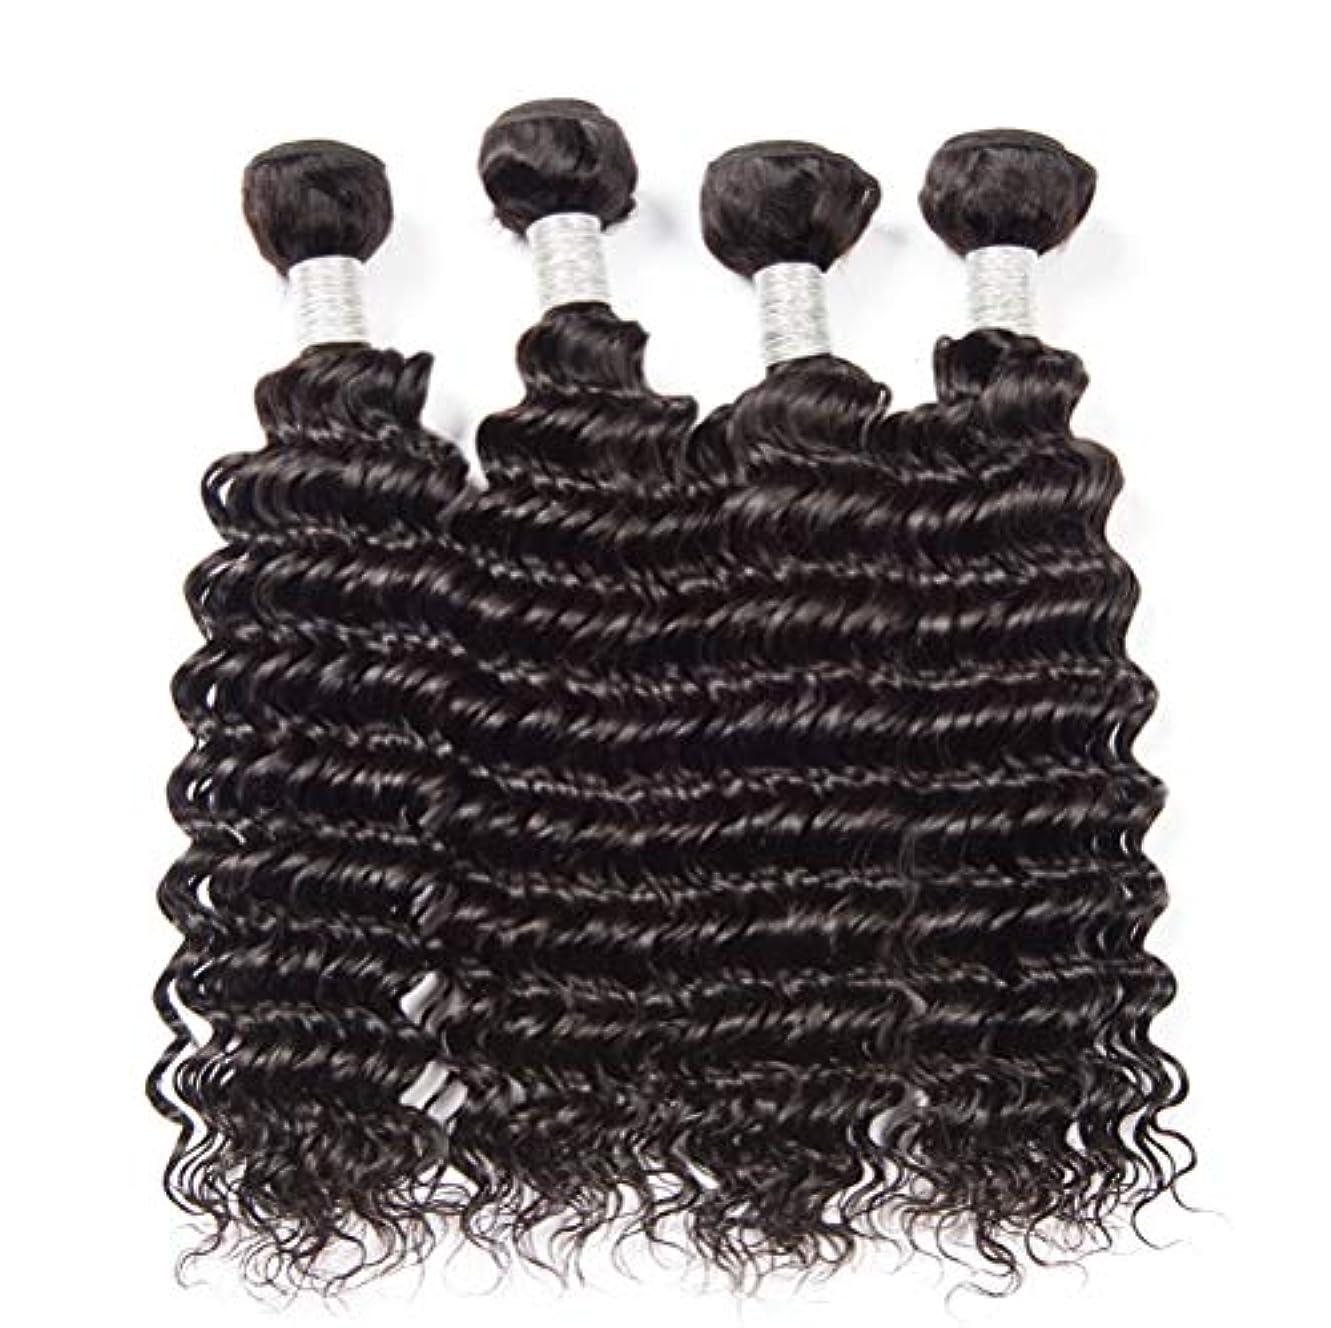 セレナお酢類似性女性の髪織り密度150%ブラジル水の波髪1バンドル未処理のバージン人毛エクステンションブラジルの髪